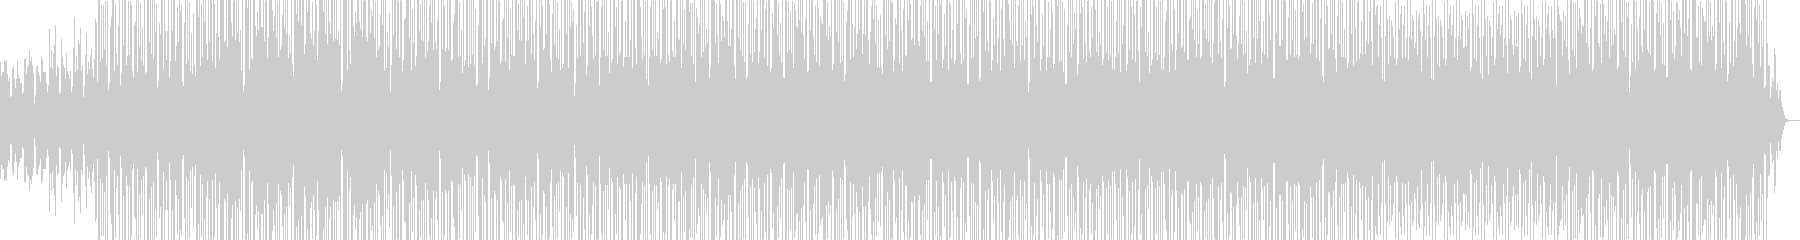 アンニュイなピアノとサックスが心地よいの未再生の波形